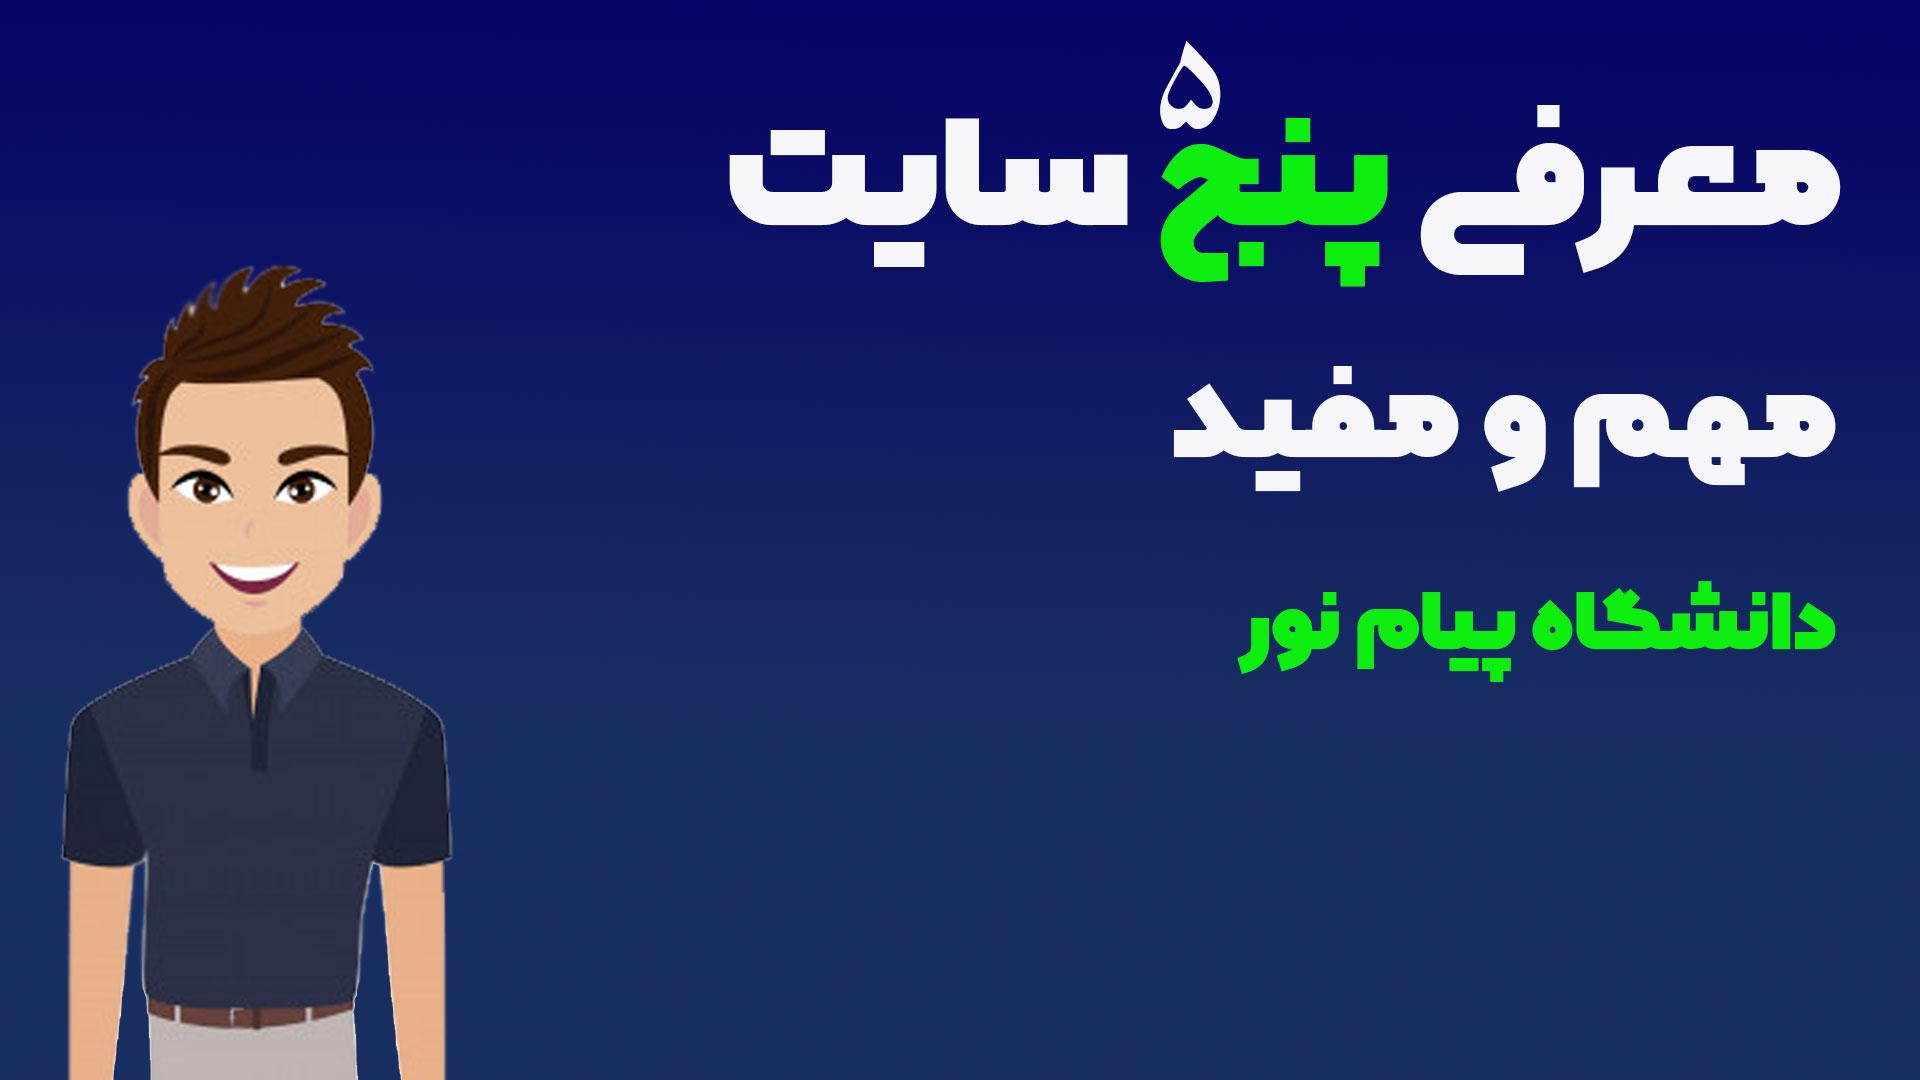 معرفی سایتهای مهم دانشگاه پیام نور